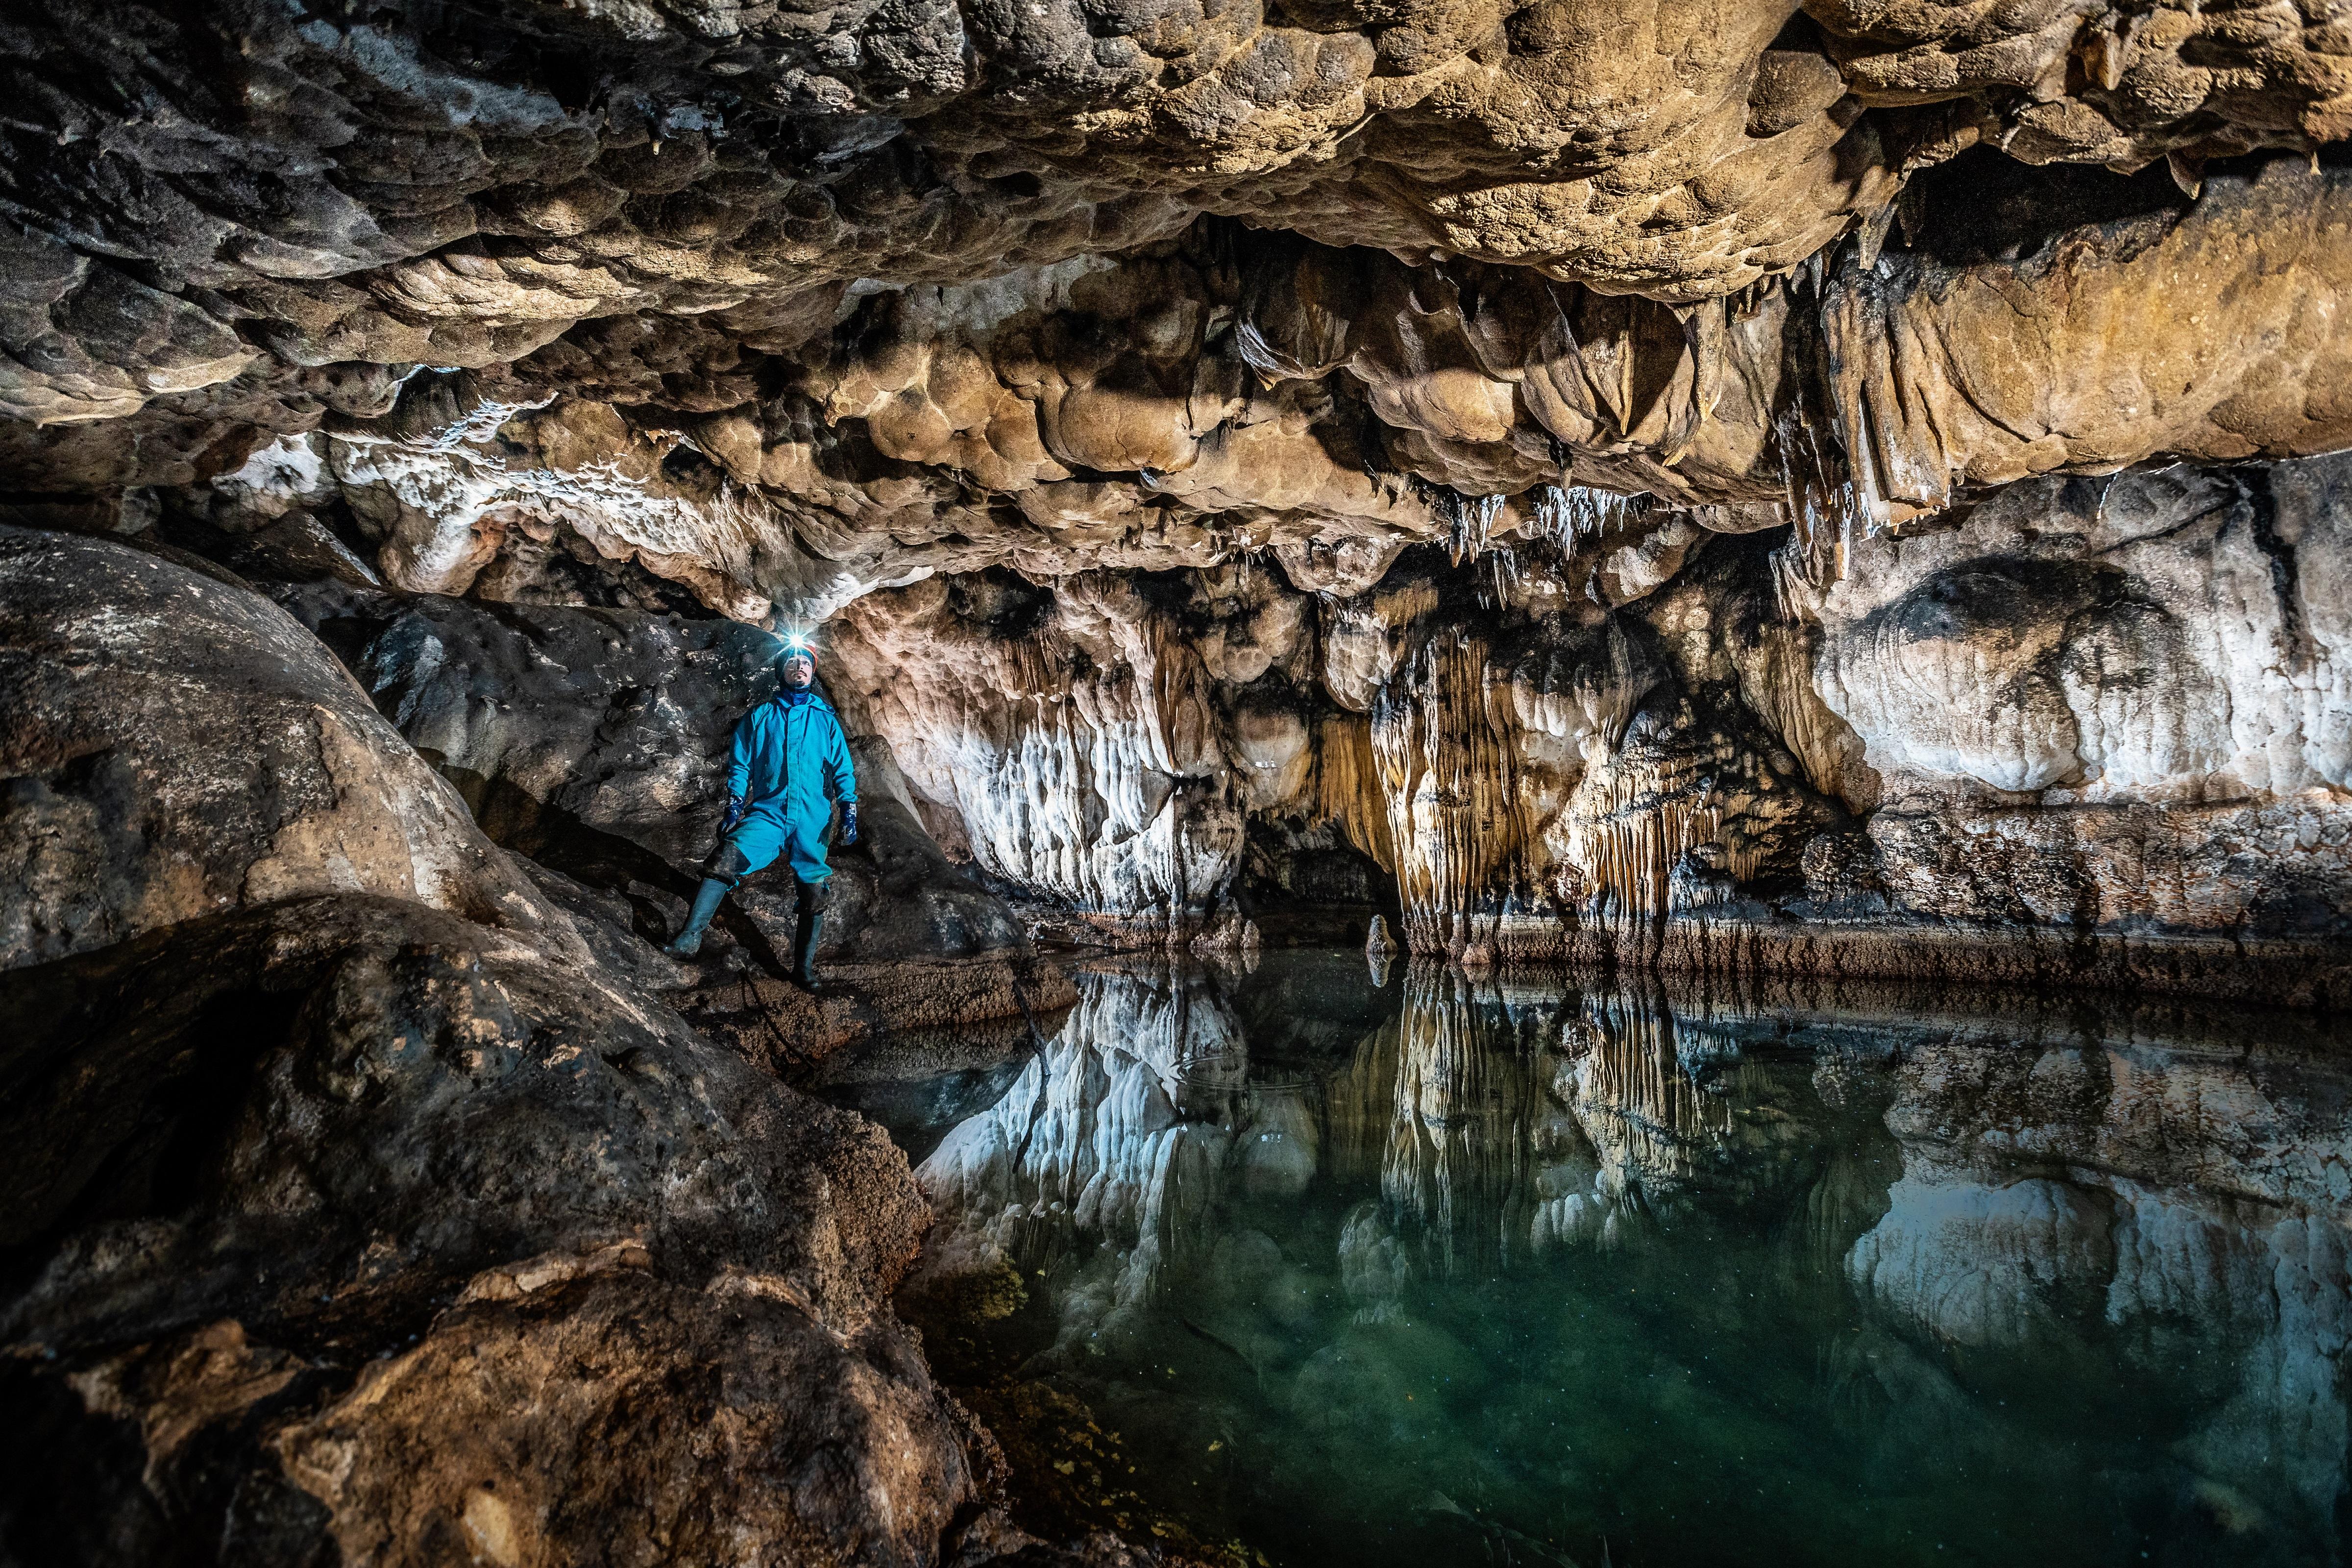 Tabiat Varlığı Olarak Tescil Edilecek Mağaralar Araştırılıyor